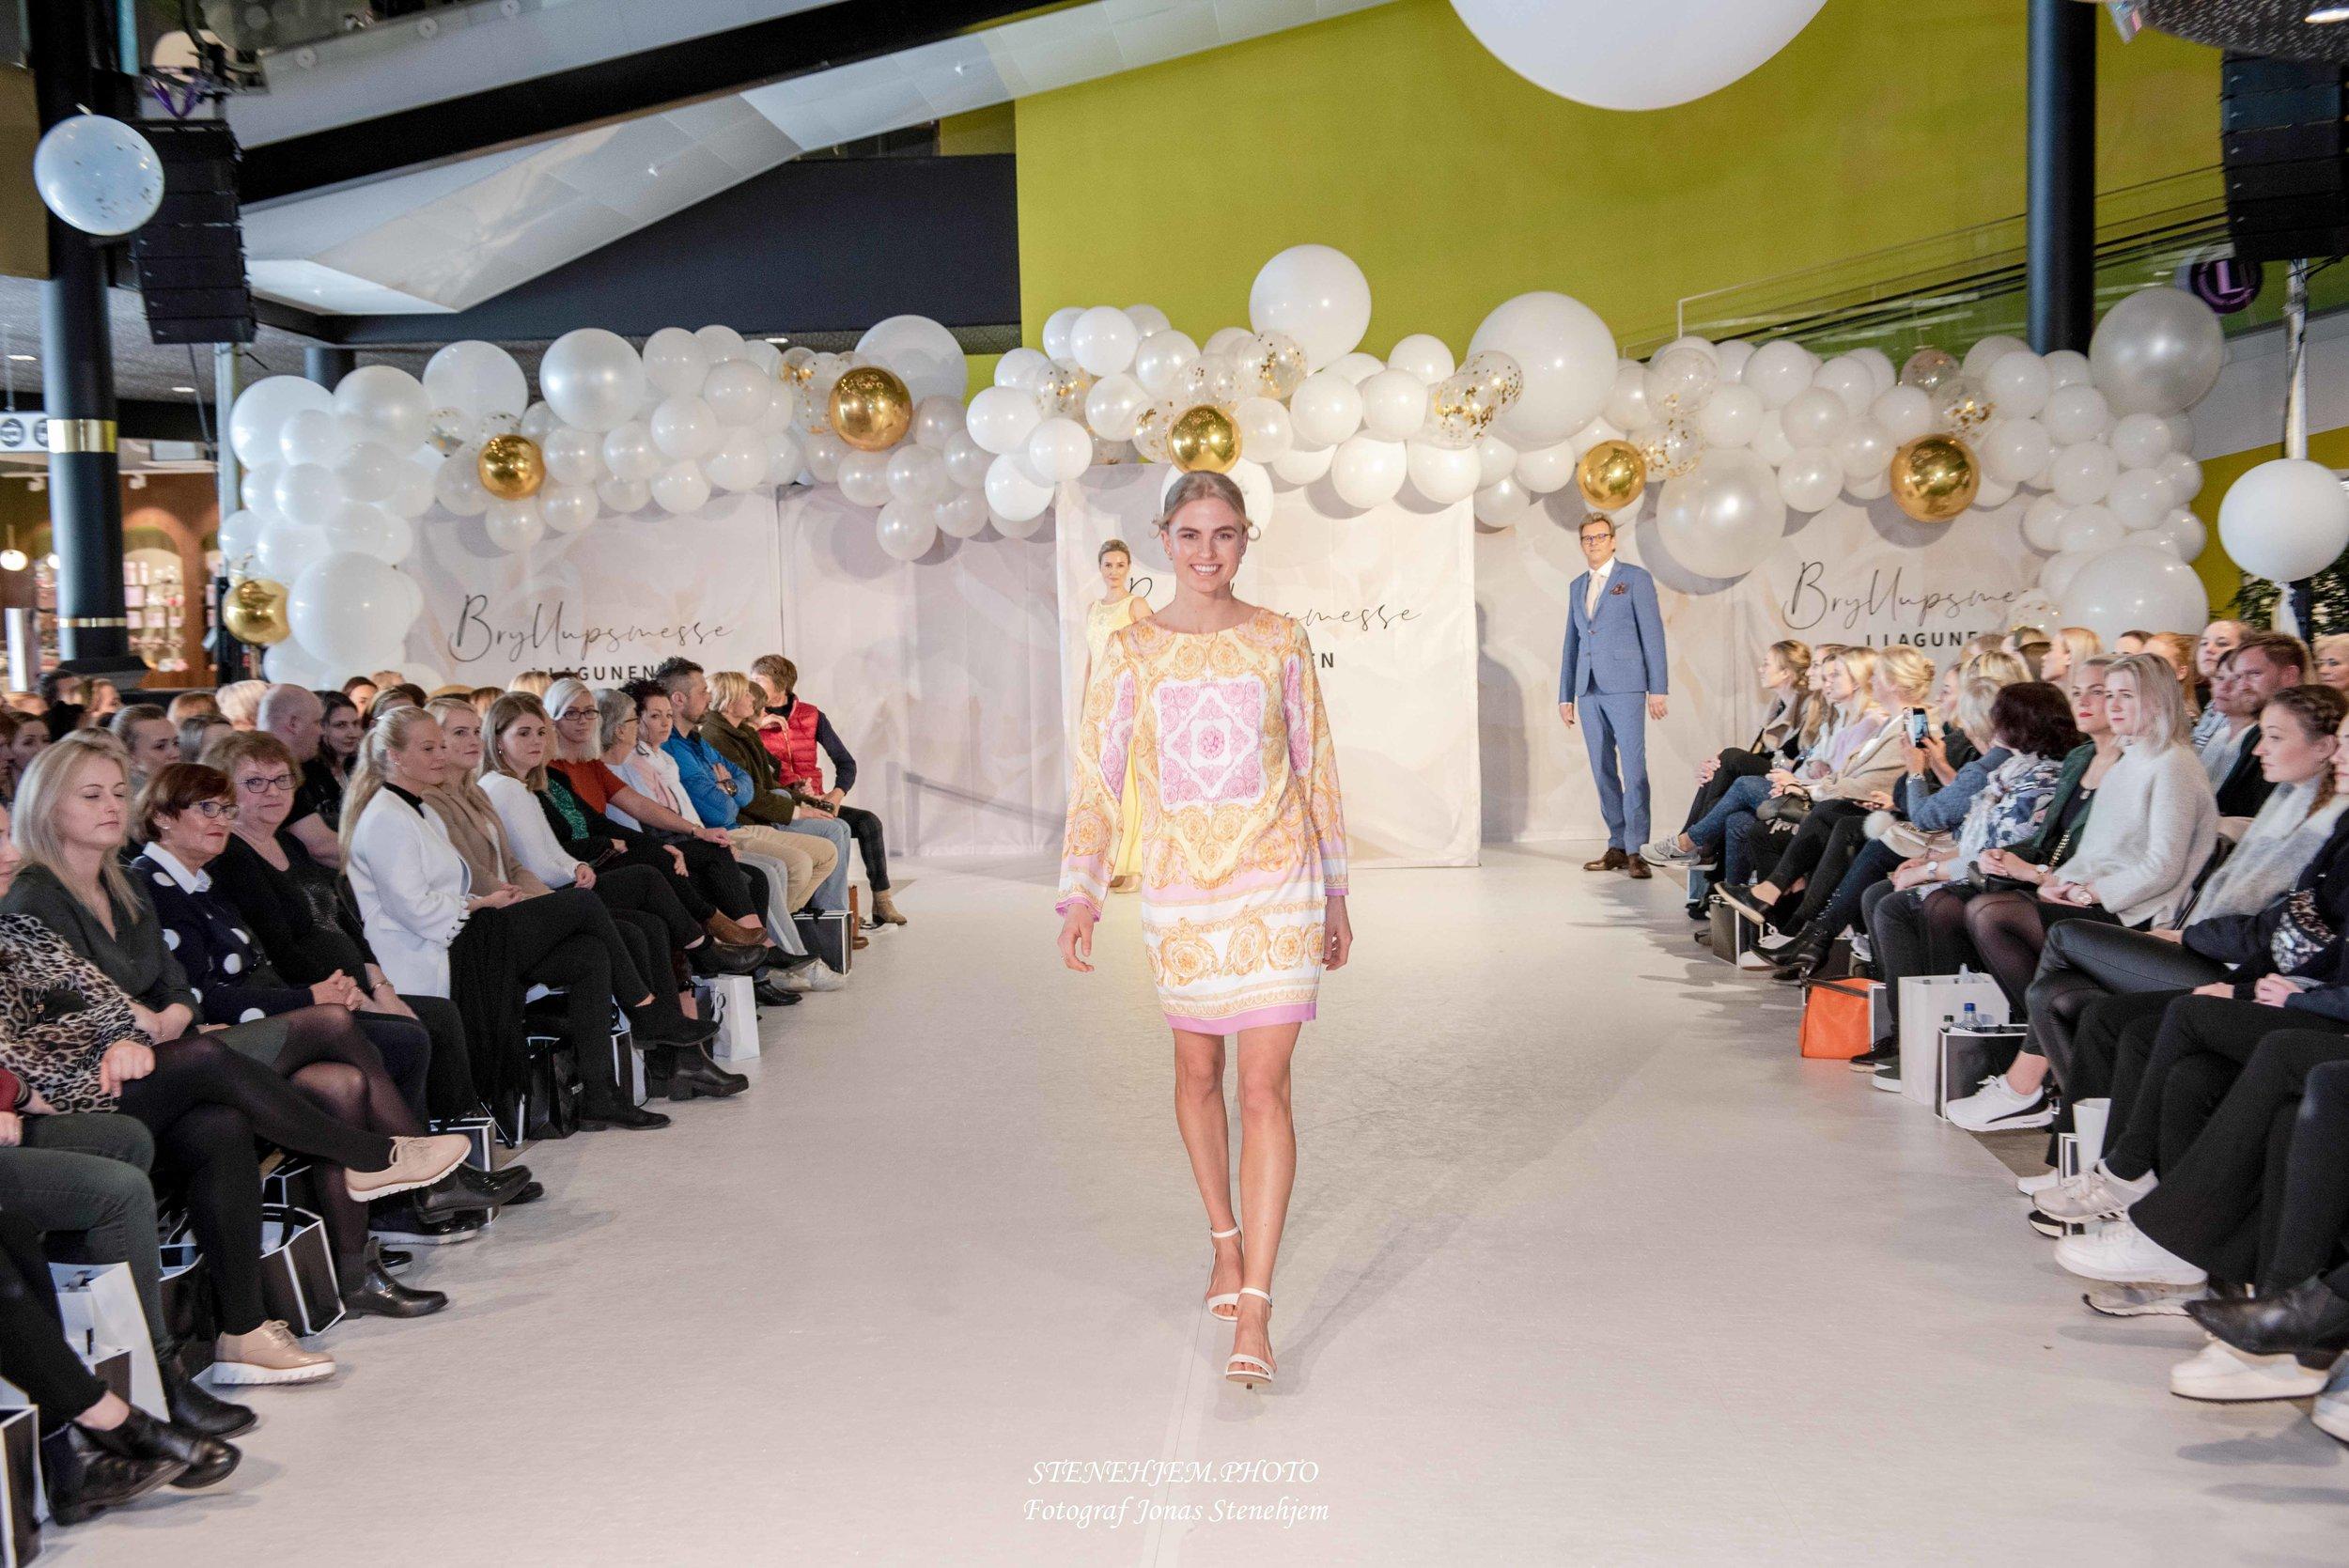 lagunen_fashion_mittaltweddingfair__015.jpg